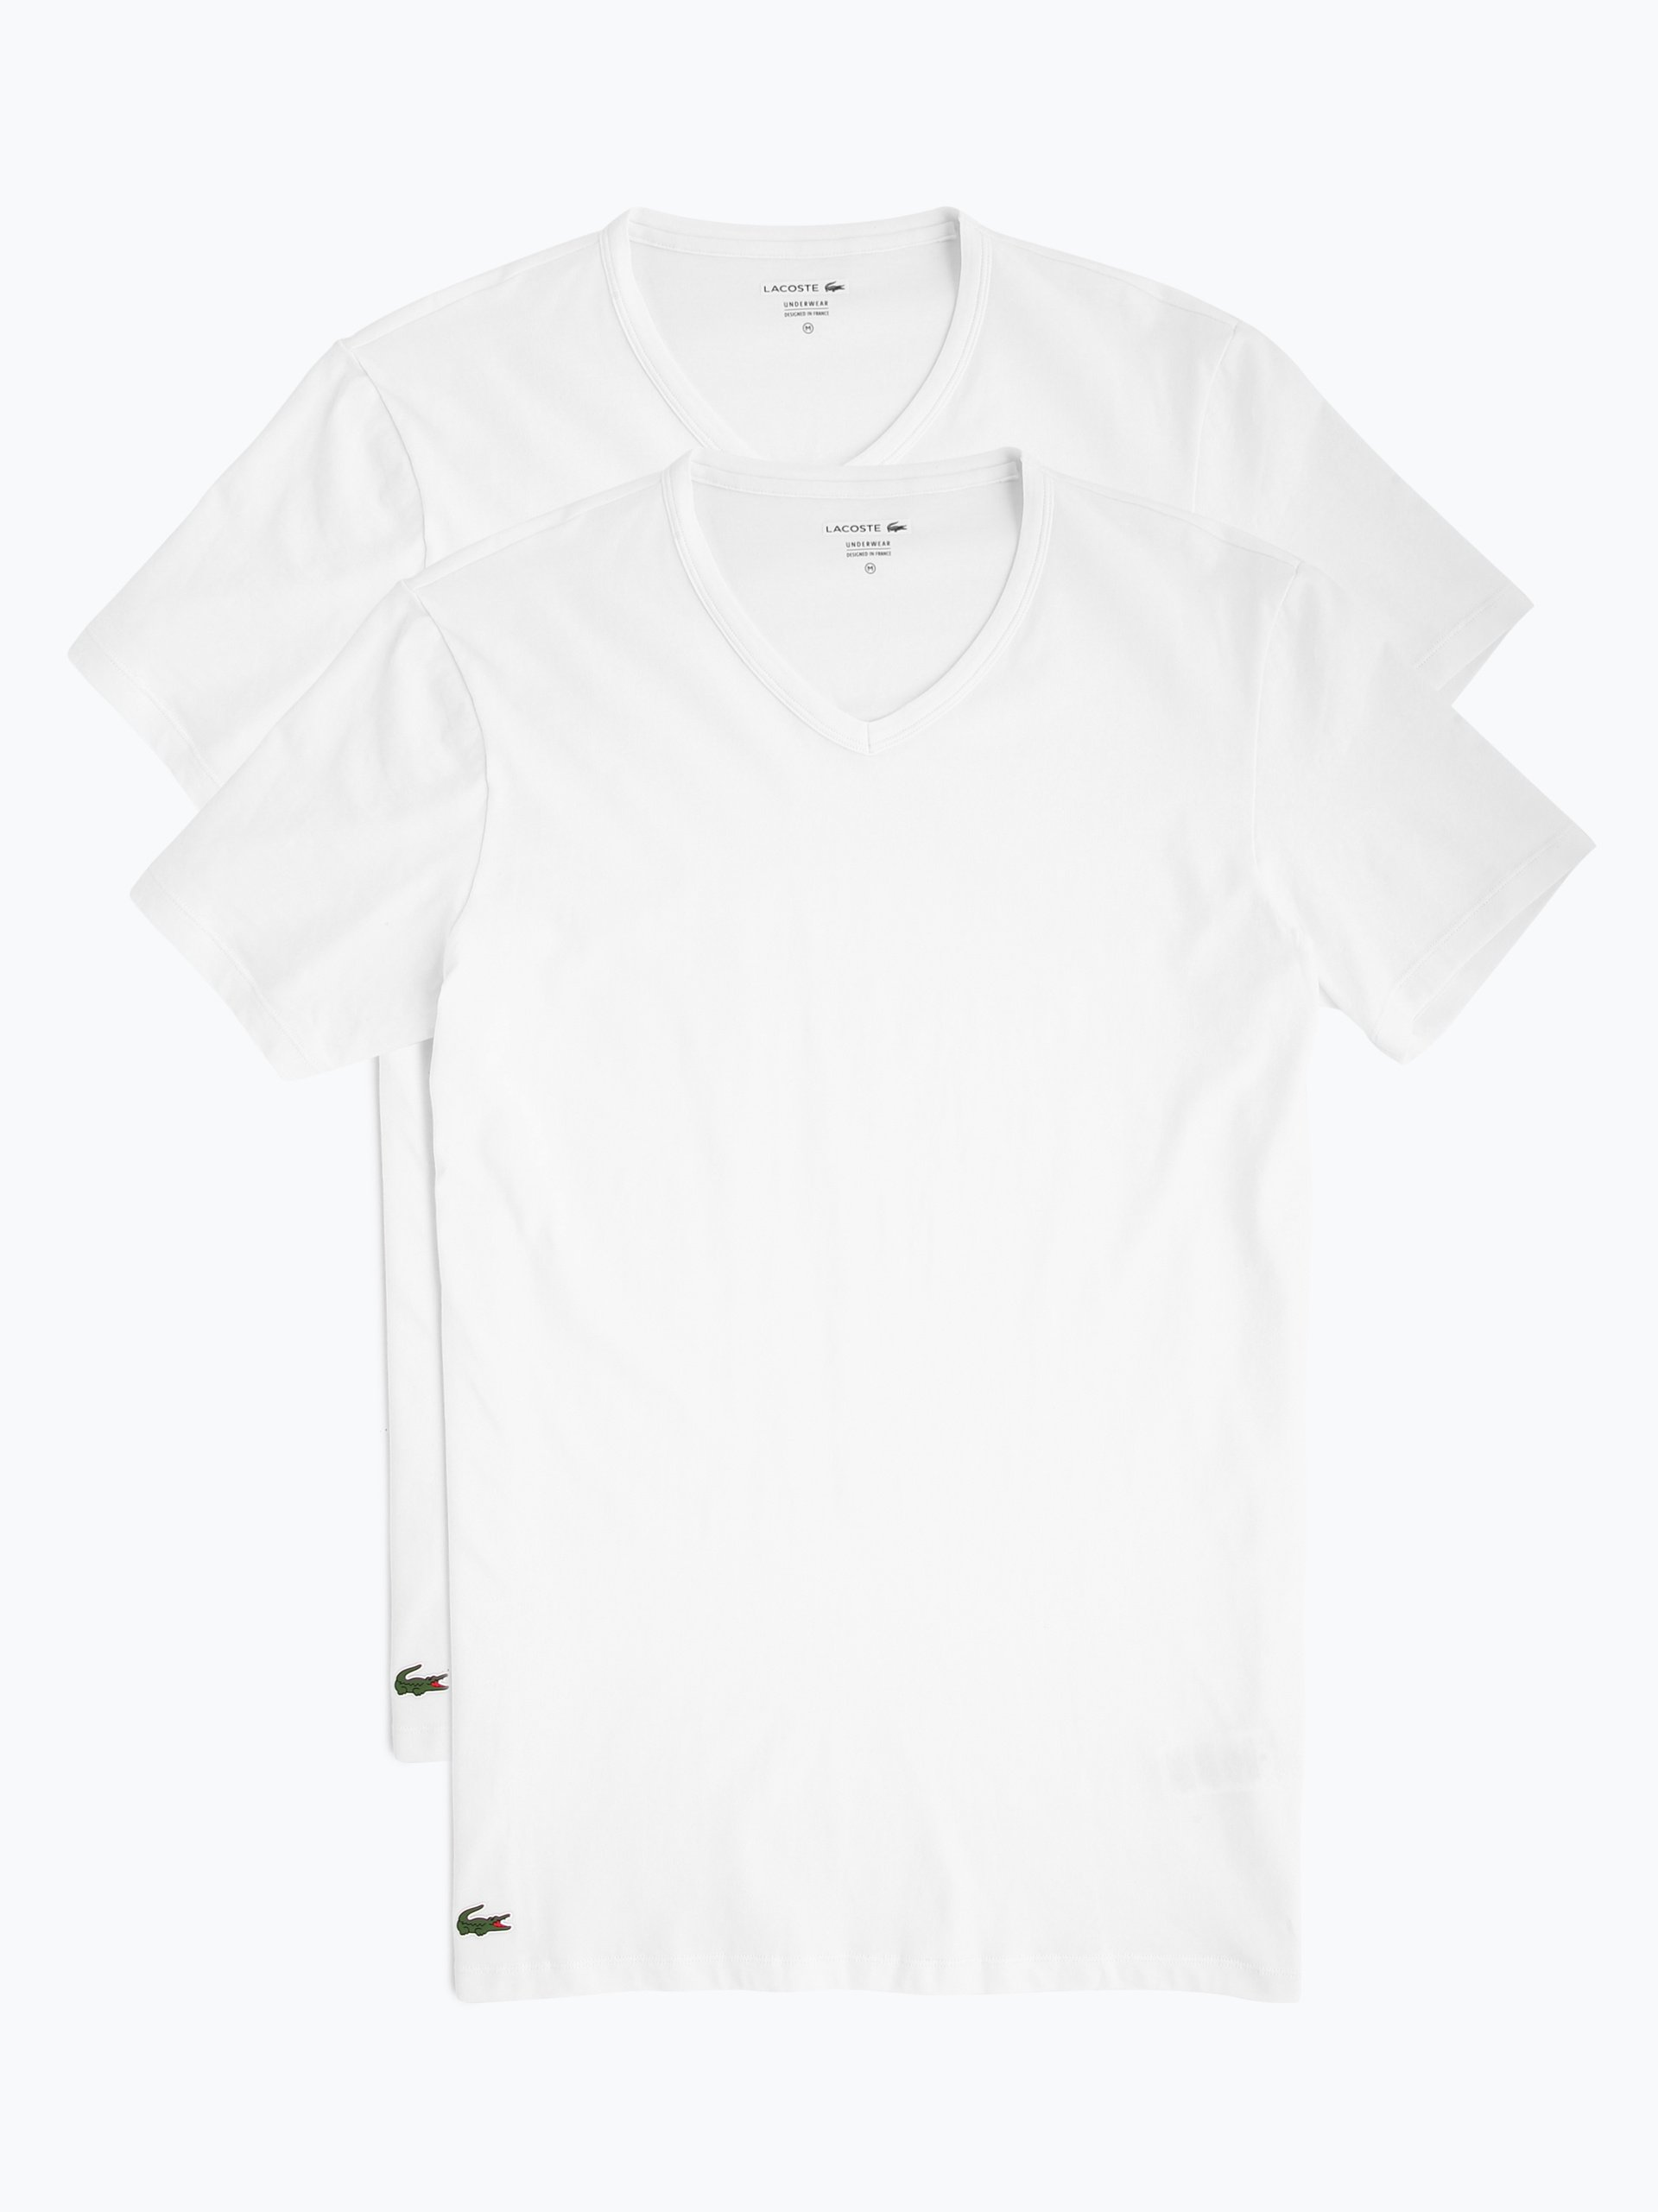 Lacoste T-shirty męskie pakowane po 2 szt.